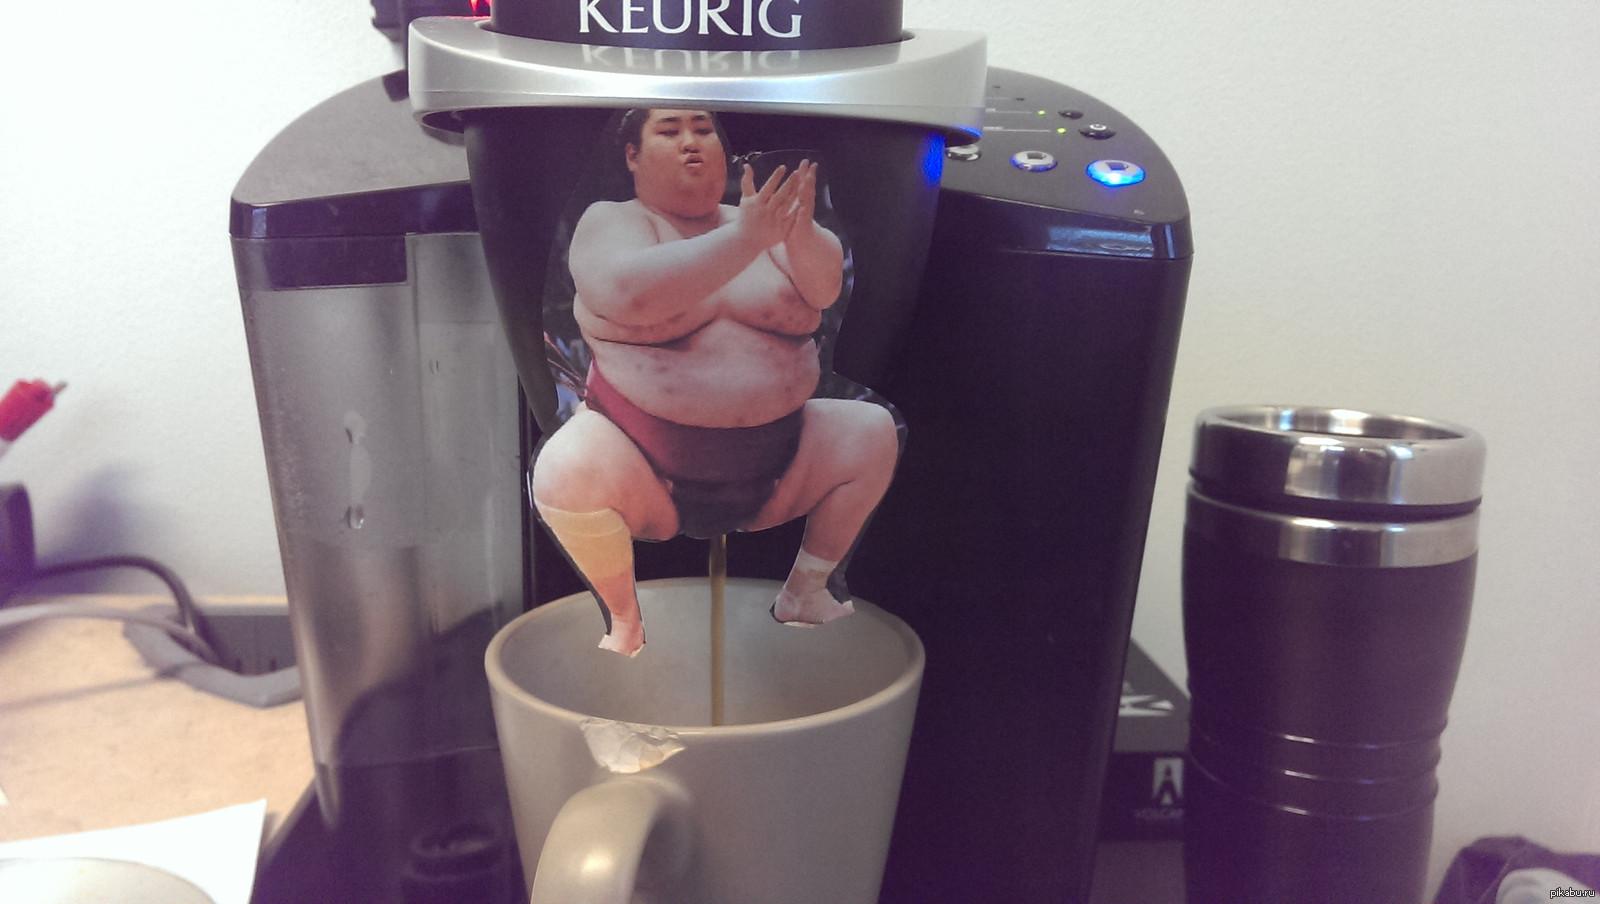 оторвался ануса прикольные картинки на кофеварку однажды мелькнула информация